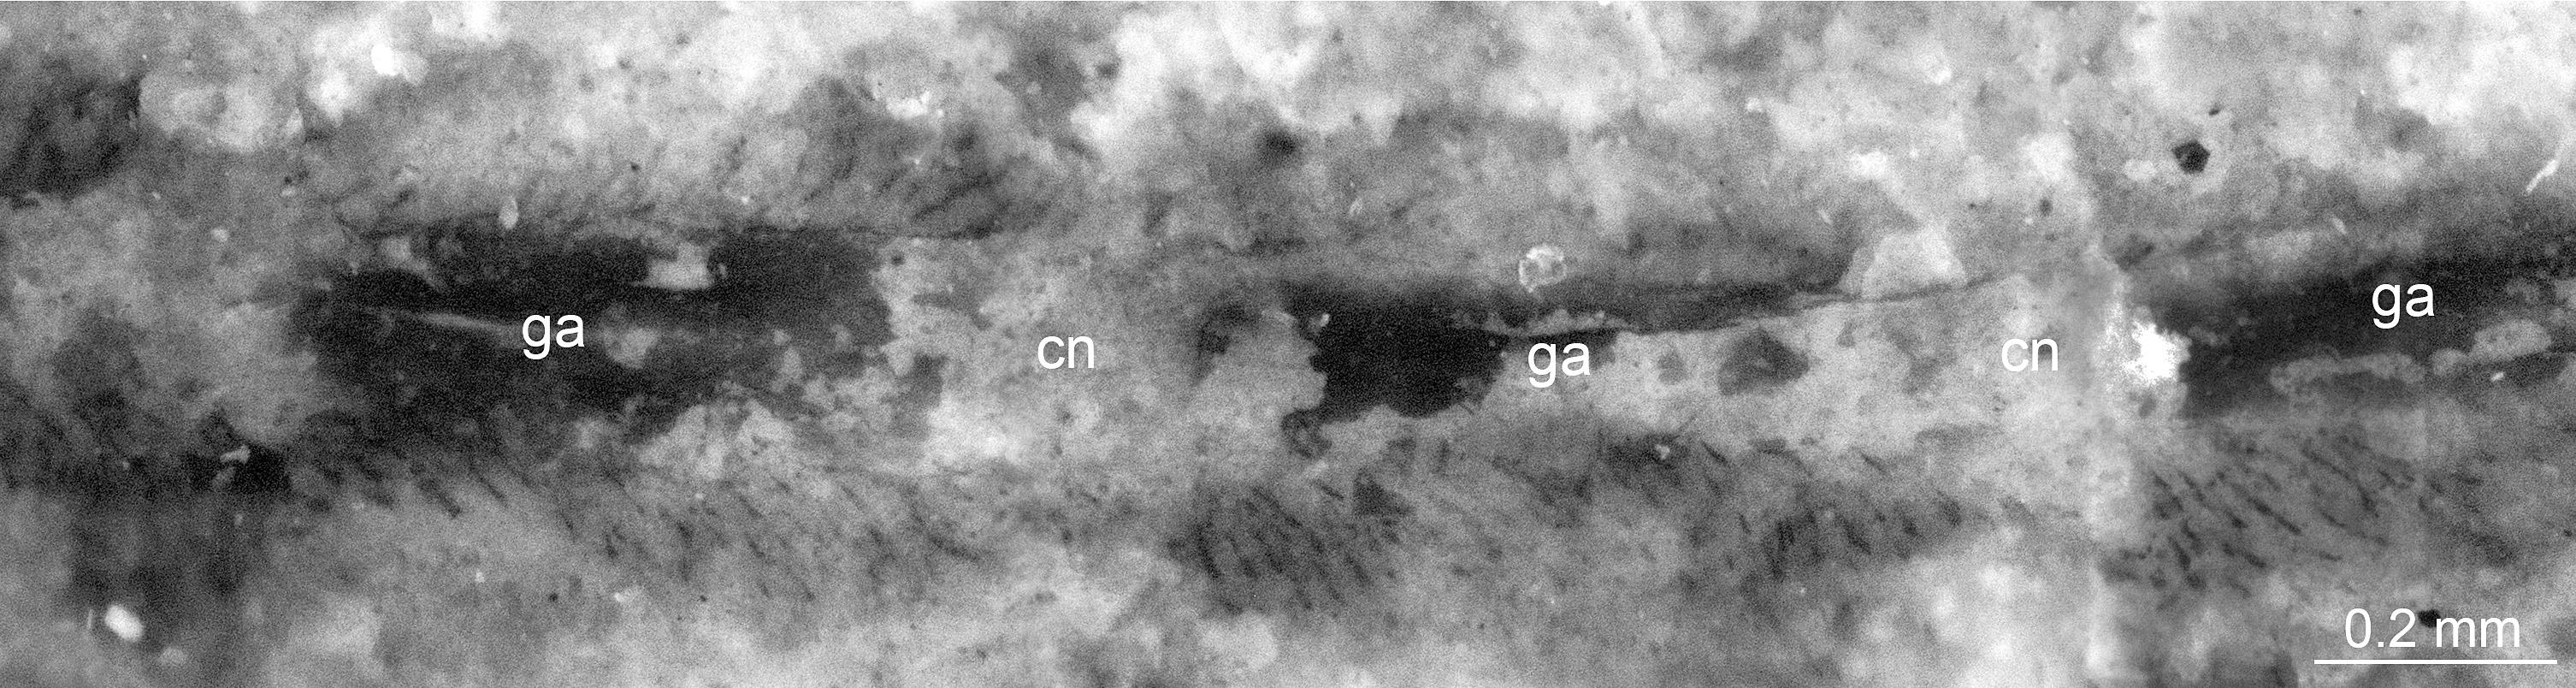 Nervios del fósil. Imagen: Jie Yang. Fuente: Universidad de Cambridge.